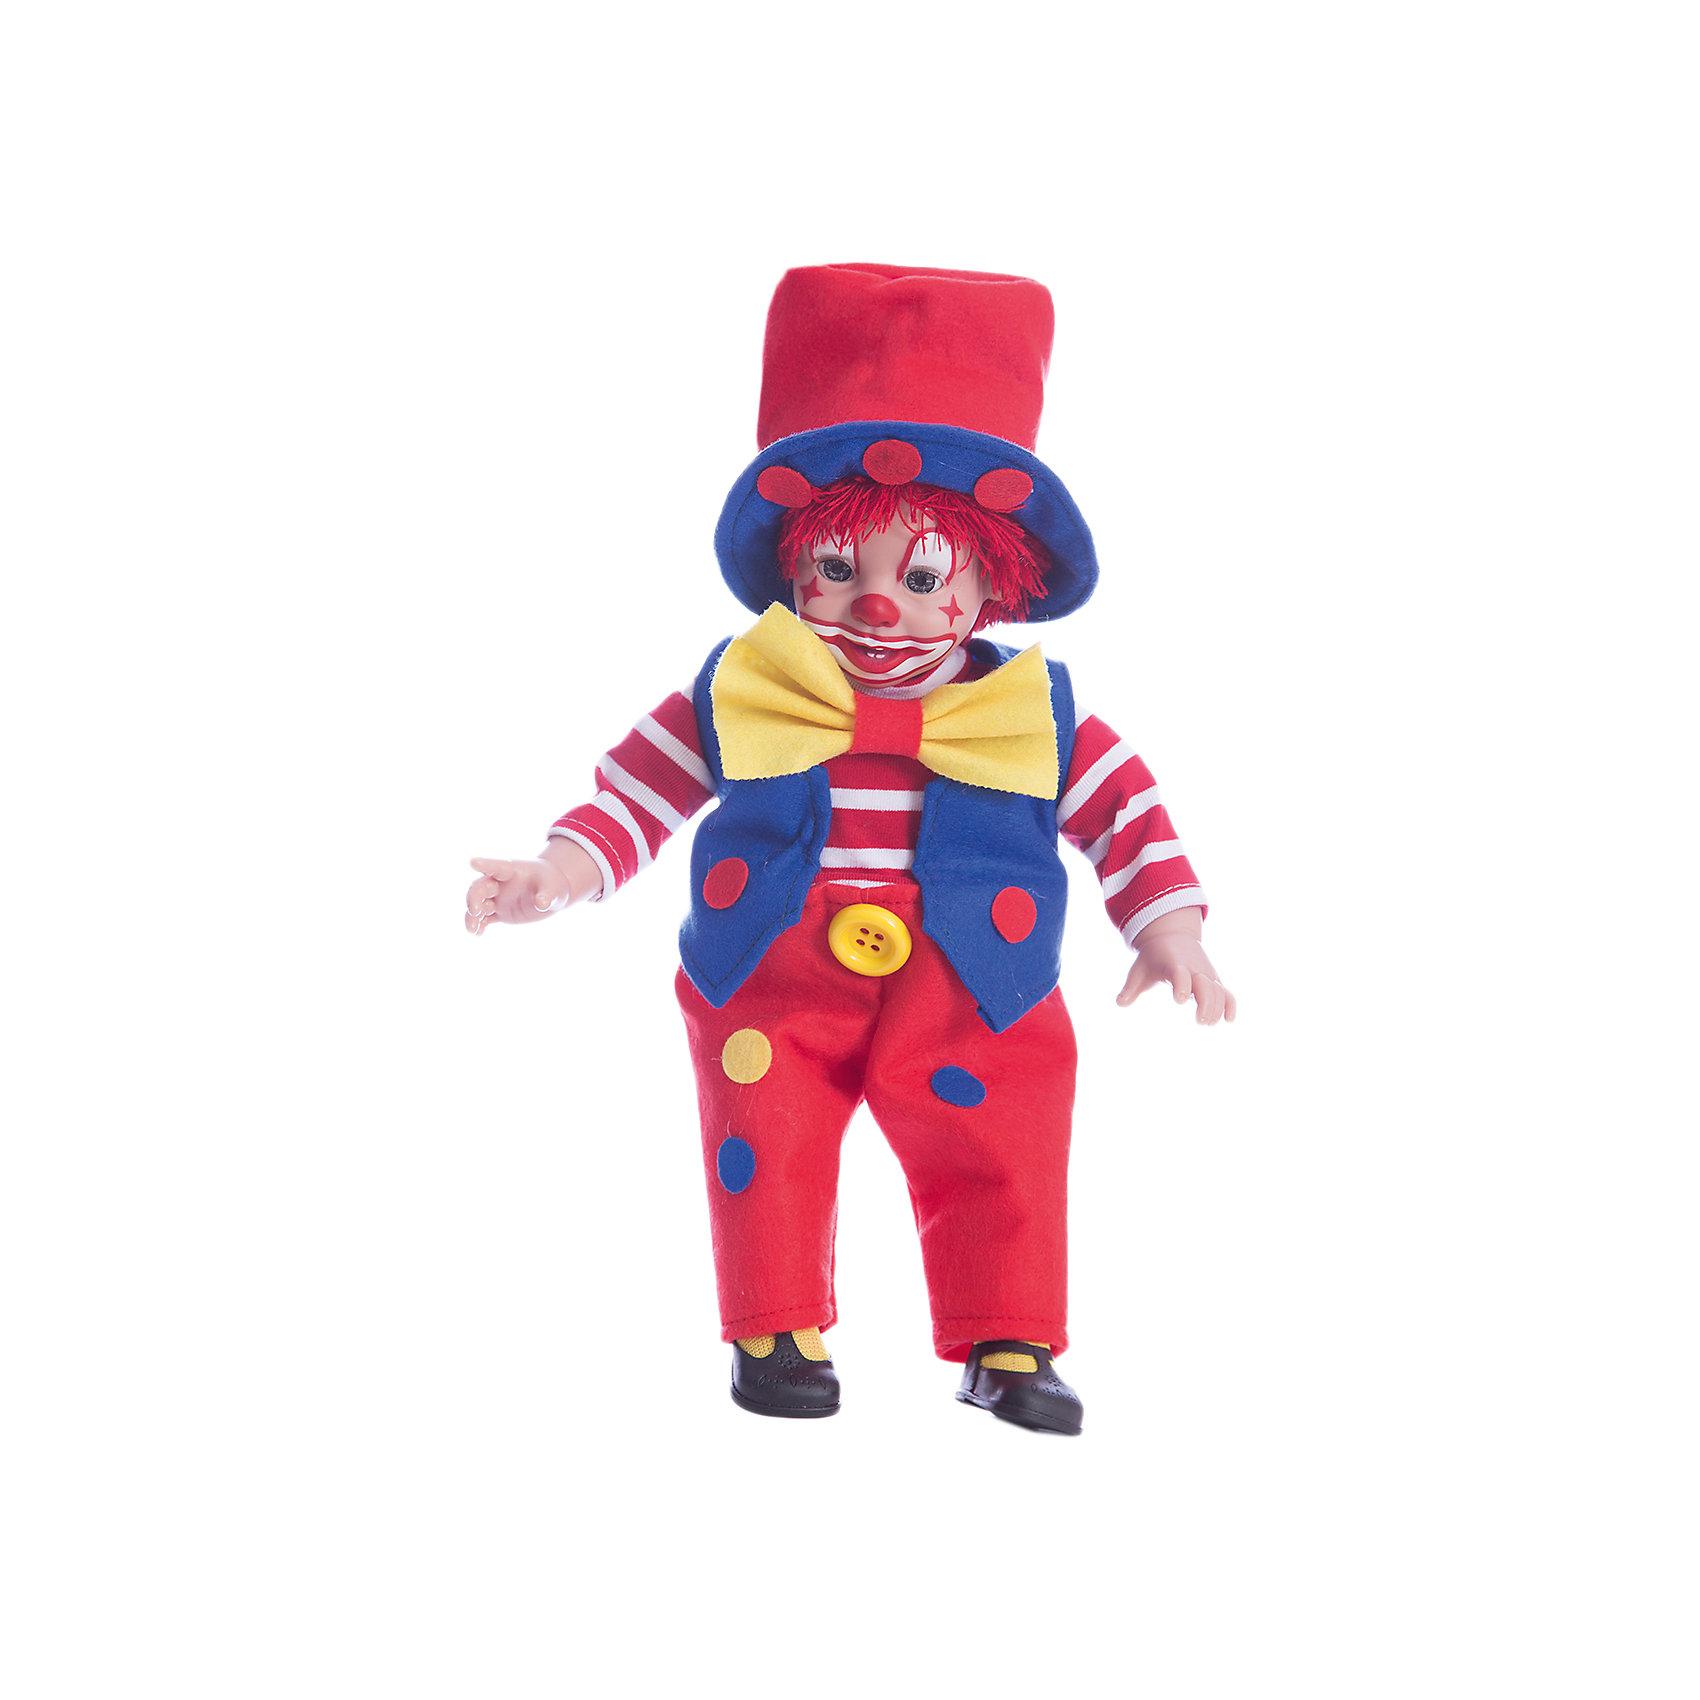 Клоун, 38 см, в коробке, AriasБренды кукол<br>Характеристики:<br><br>• Вид игр: сюжетно-ролевые<br>• Пол: для девочек/для мальчиков<br>• Коллекция: Elegance<br>• Материал: винил, текстиль<br>• Длина клоуна: 38 см<br>• Подвижные ручки и ножки <br>• Вес в упаковке: 1 кг 100 г<br>• Размеры упаковки (Г*Ш*В): 40*15*20 см<br>• Упаковка: картонная коробка<br>• Особенности ухода: пупса можно купать, одежда – ручная стирка<br><br>Клоун, 38 см, в коробке, Arias изготовлен известным испанским торговым предприятием Munecas, который специализируется на выпуске кукол и пупсов. Кукла мягконабивная с элементами из винила: голова, руки и ноги. Руки и ноги подвижные, на лице четко прорисованный грим клоуна. Клоун одет в яркий нарядный костюм: у него клетчатый жилет, красные штаны, желтые ботинки и красный большой шляпа-цилиндр на голове. На шее у него галстук-бабочка. Все материалы, использованные при изготовлении куклы и комплекта одежды – гипоаллергенные и безопасные. Кукла упакована в пакет. Клоун, 38 см, в коробке, Arias станет идеальным подарком для ребенка к любому празднику.<br><br>Клоуна, 38 см, в коробке, Arias можно купить в нашем интернет-магазине.<br><br>Ширина мм: 475<br>Глубина мм: 165<br>Высота мм: 260<br>Вес г: 1100<br>Возраст от месяцев: 36<br>Возраст до месяцев: 120<br>Пол: Унисекс<br>Возраст: Детский<br>SKU: 5355533